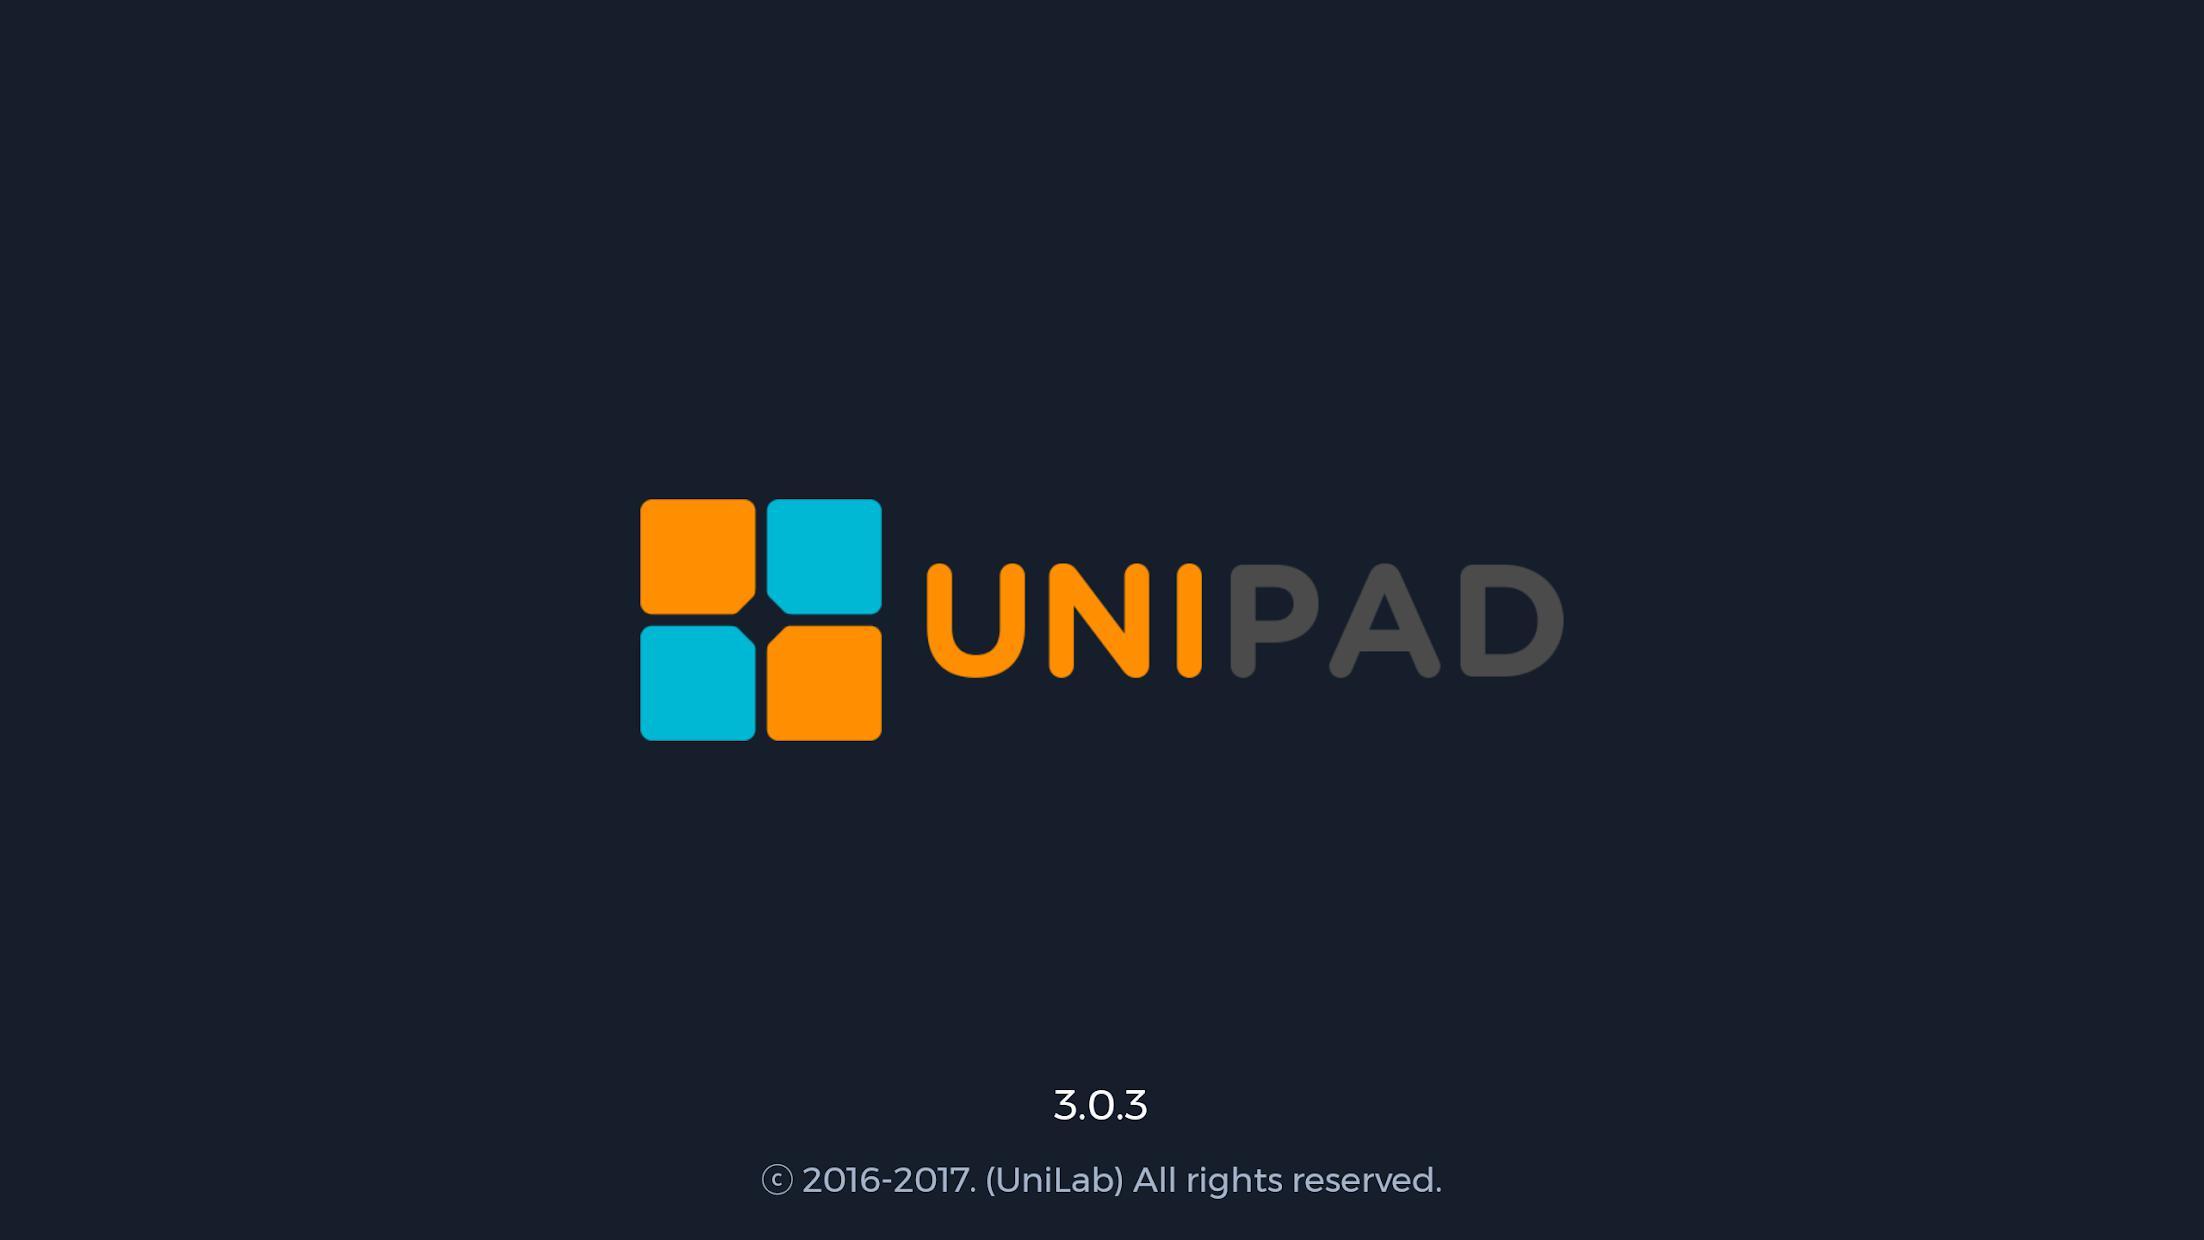 UniPad 游戏截图1